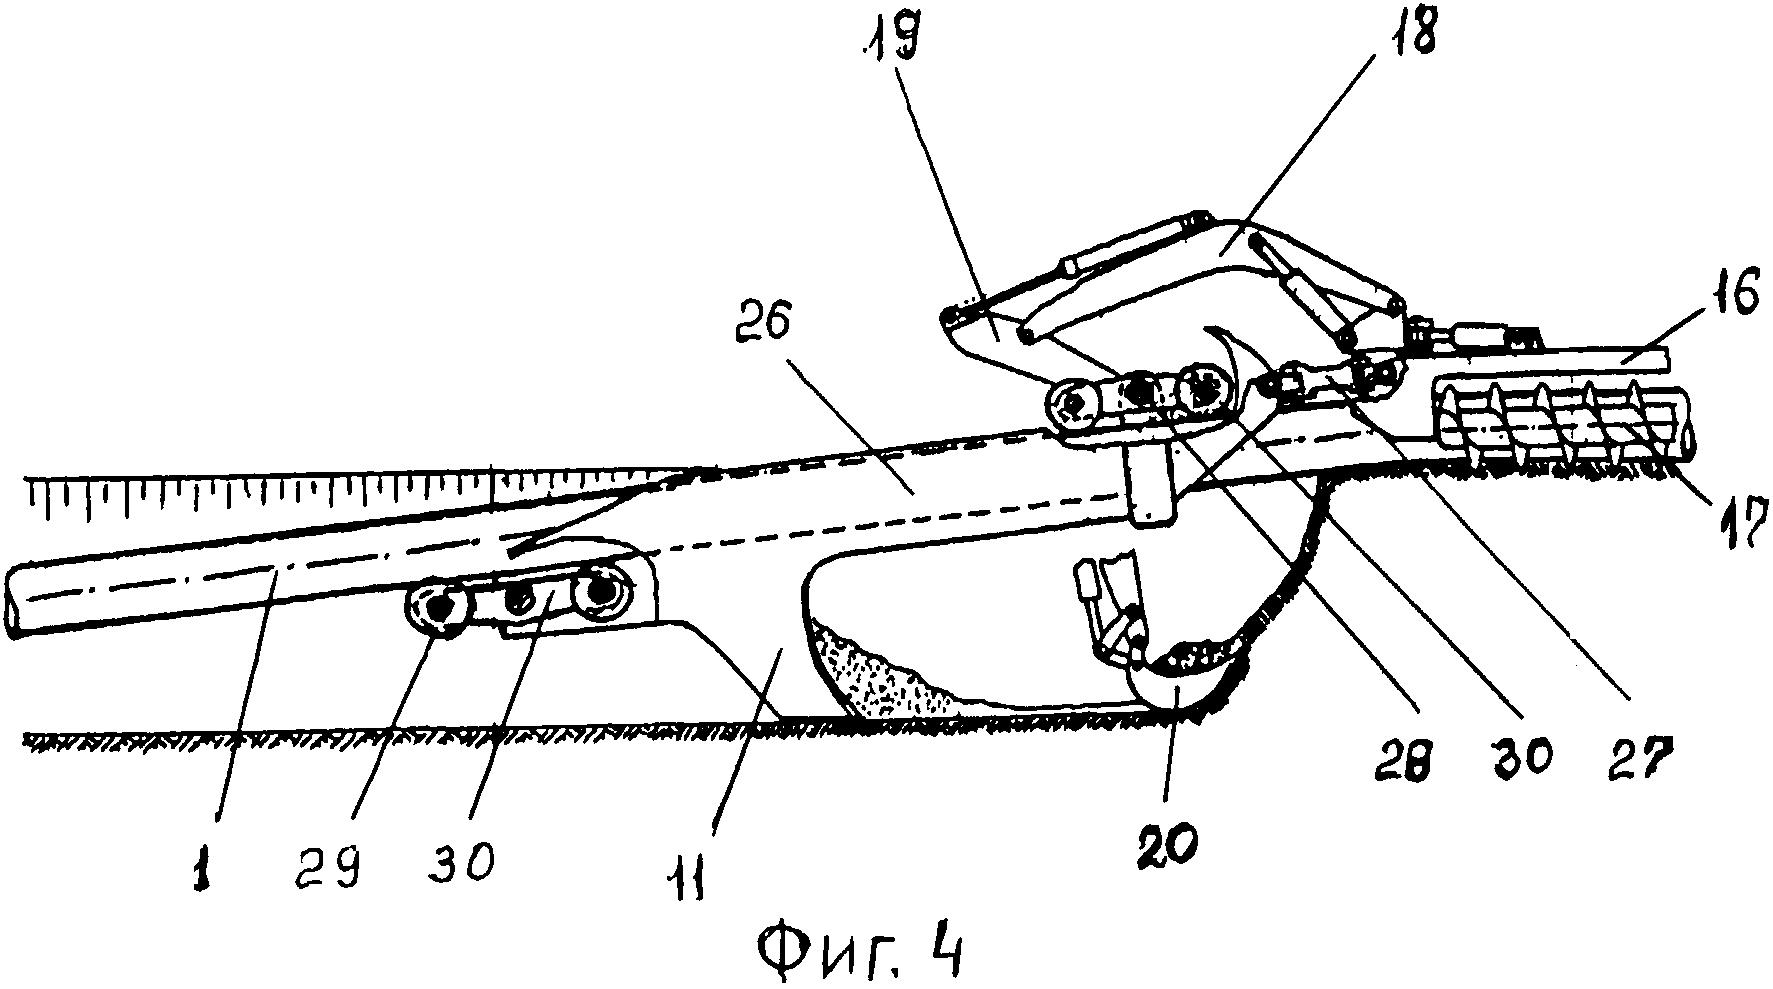 Способ производства землеройно-укладочных работ при прокладке подводных трубопроводов и устройство для его осуществления